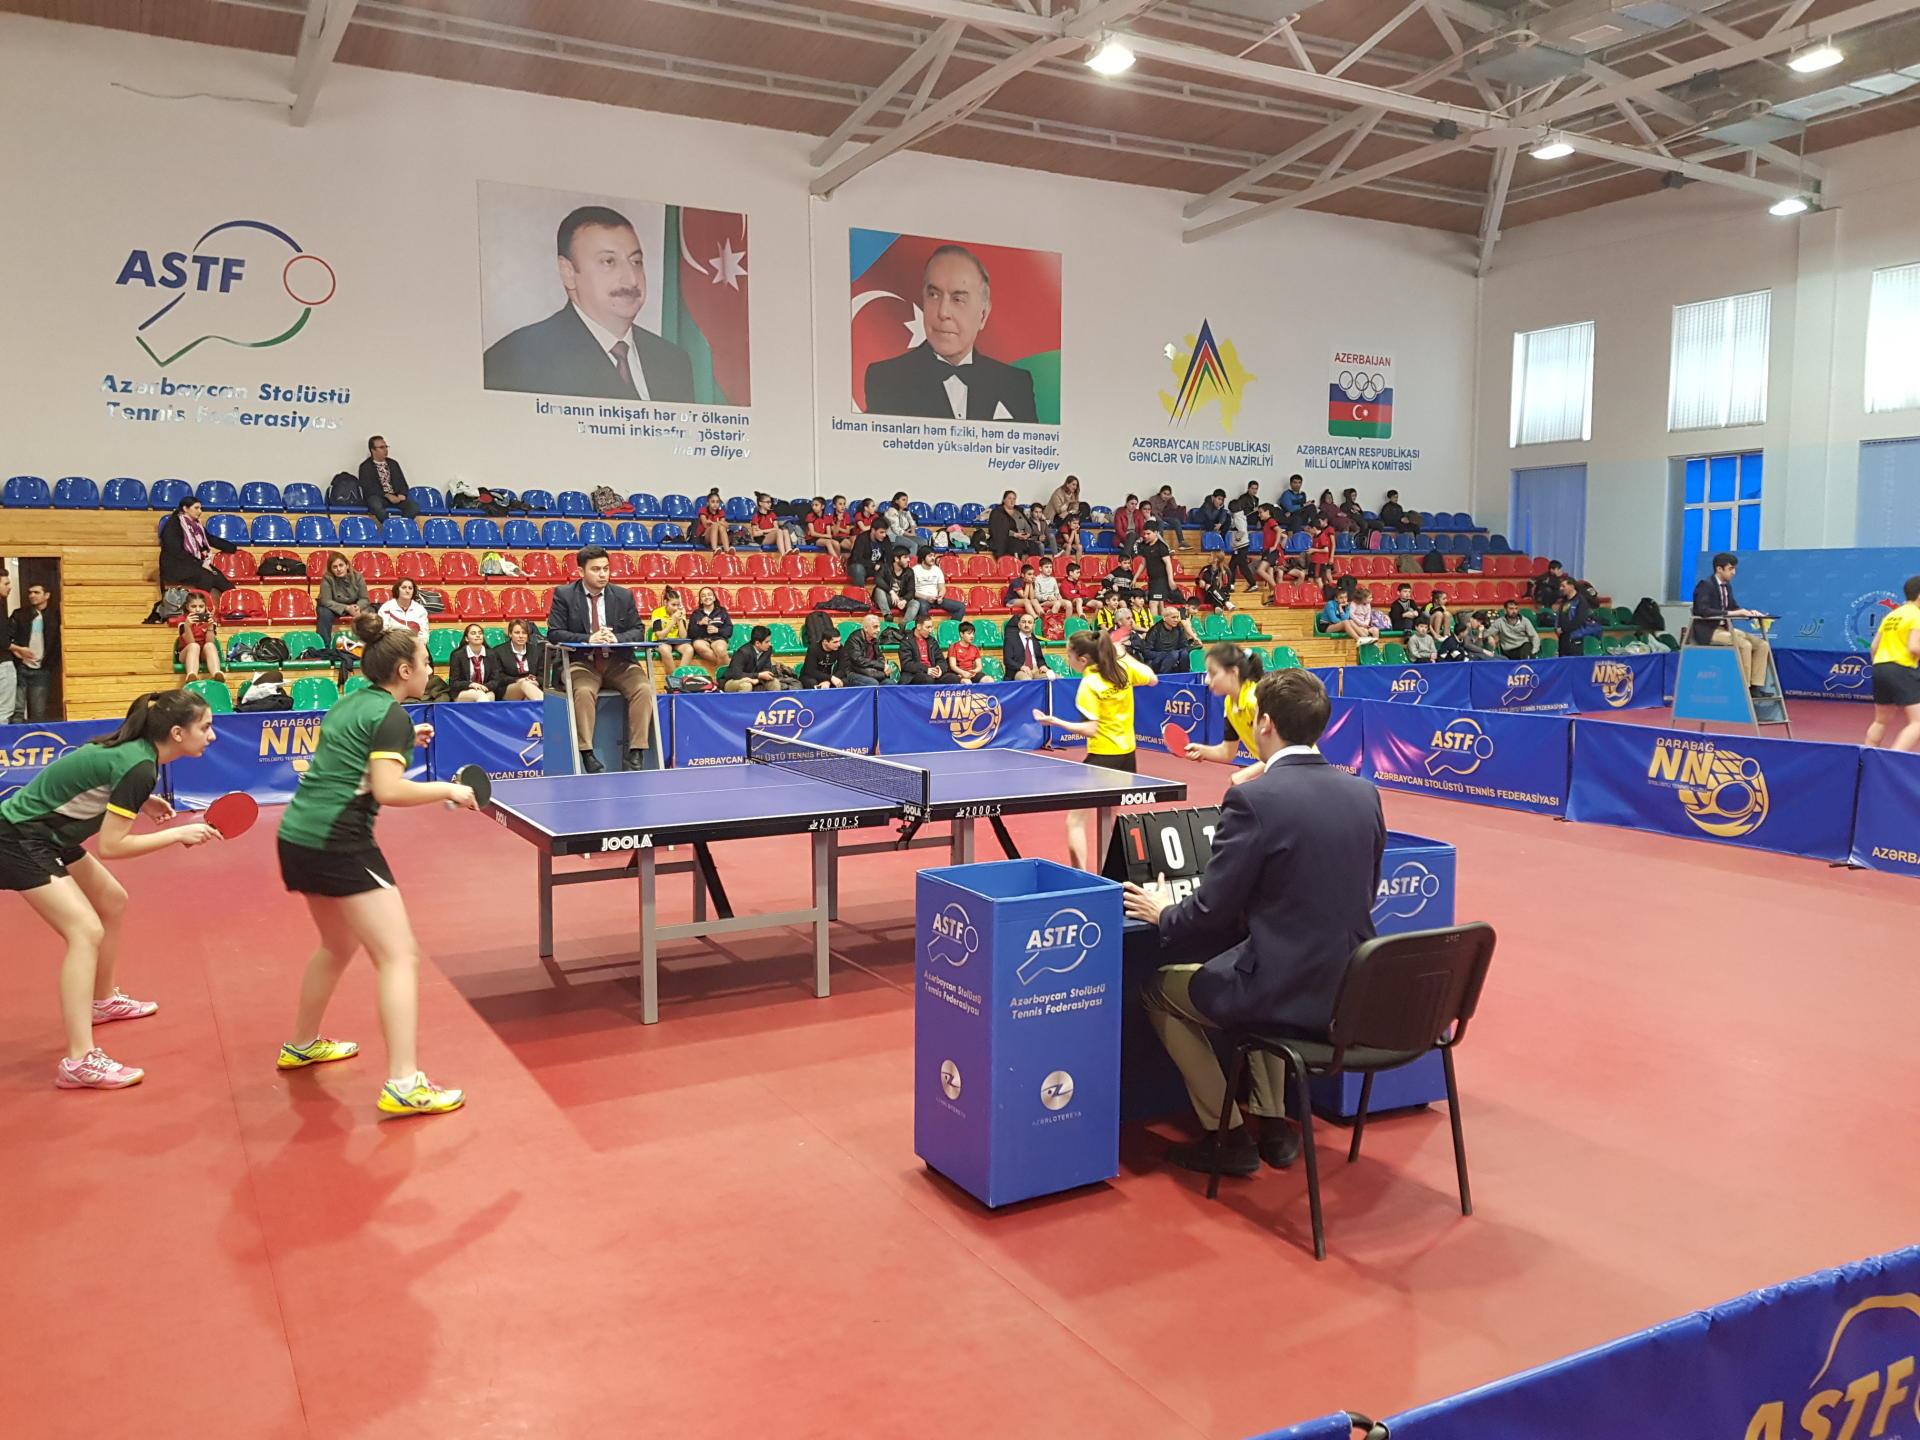 Stolüstü tennis üzrə azyaşlılar arasında Azərbaycan birinciliyinə yekun vurulub (FOTO)